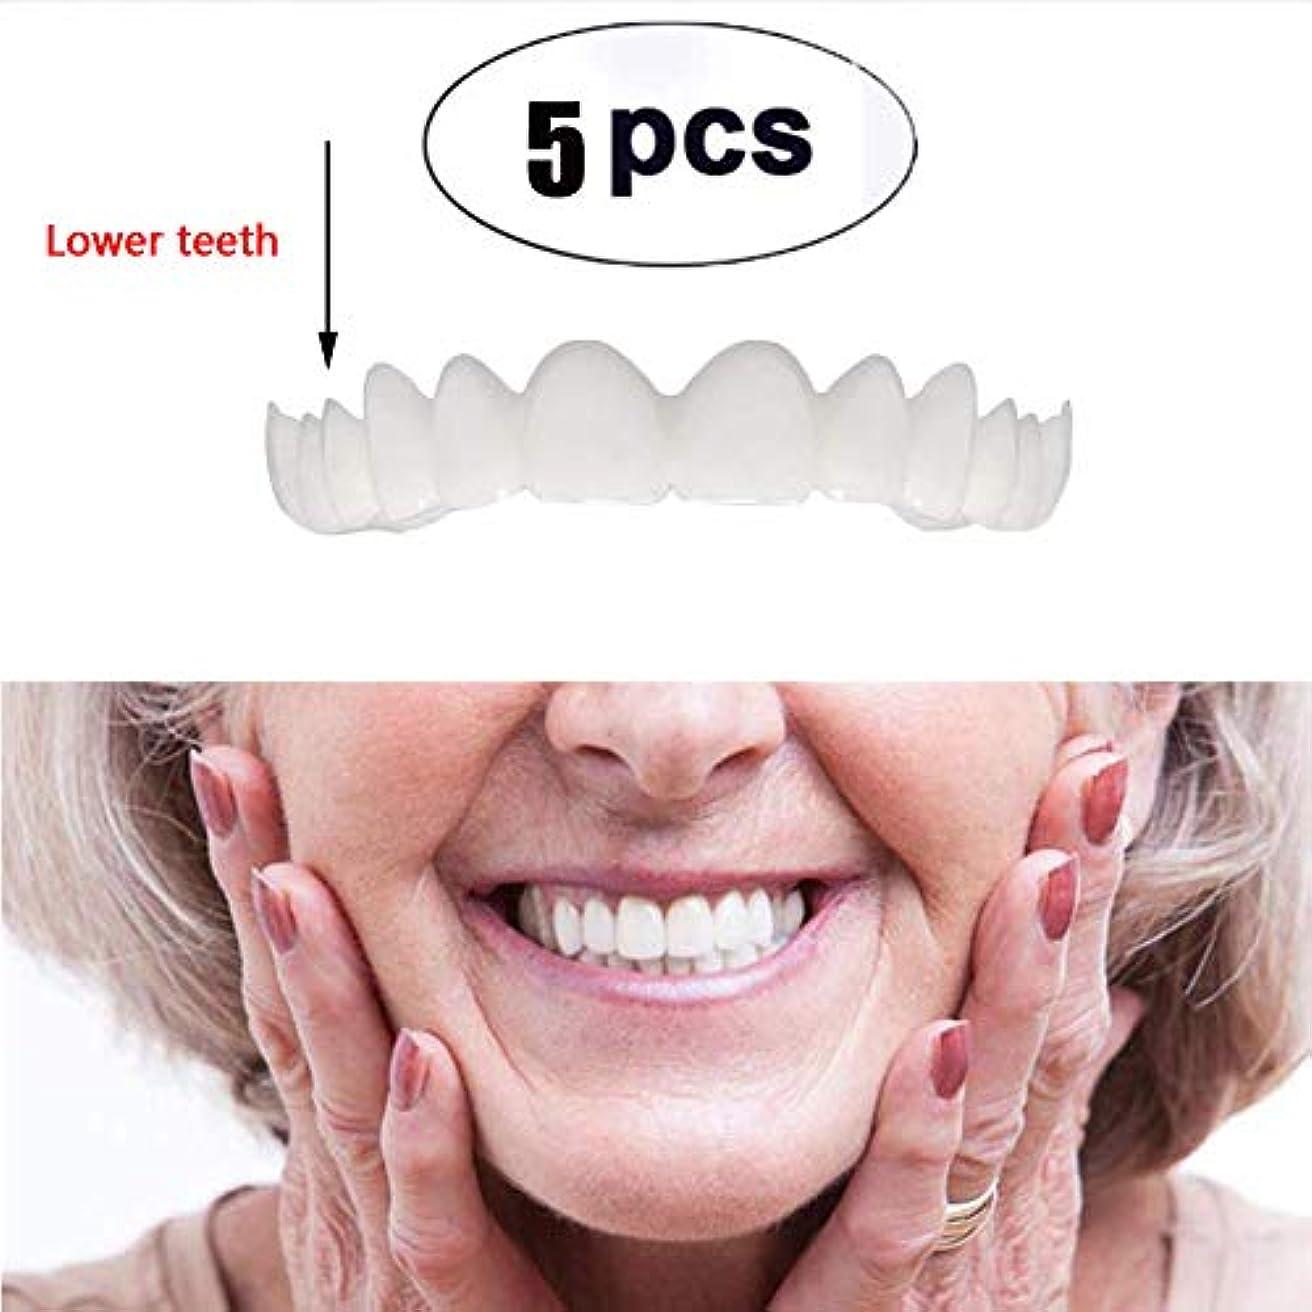 重くするスマイル工業用5ピース下の歯一時的な化粧品の歯化粧品模擬ブレースホワイトニング歯スナップキャップインスタント快適なフレックスパーフェクトベニア